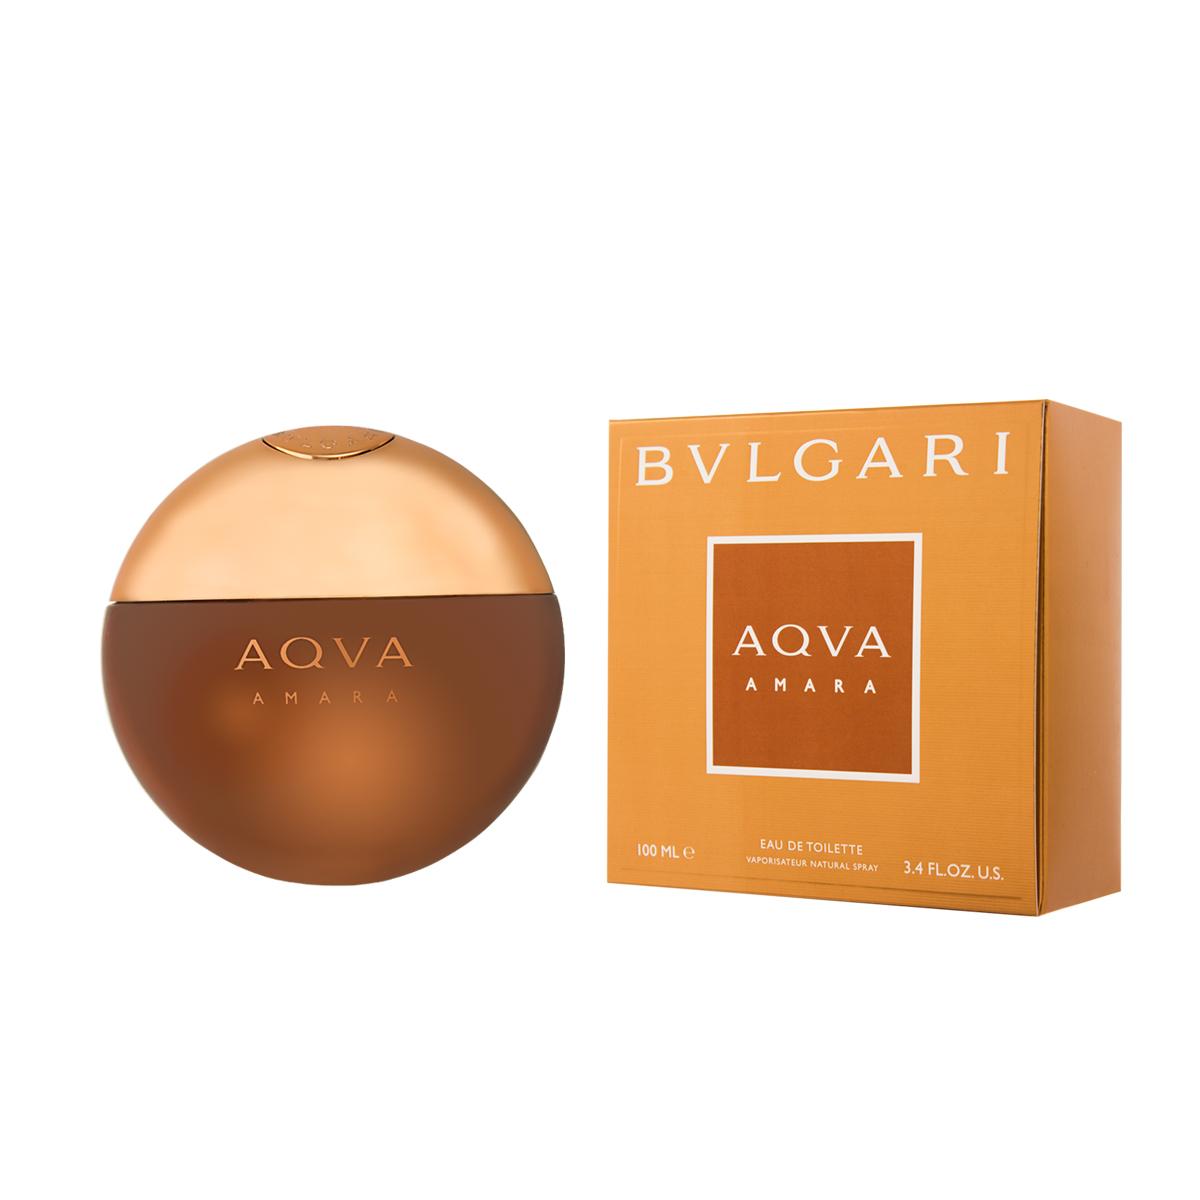 Bvlgari Aqva Amara EDT tester 100 ml M